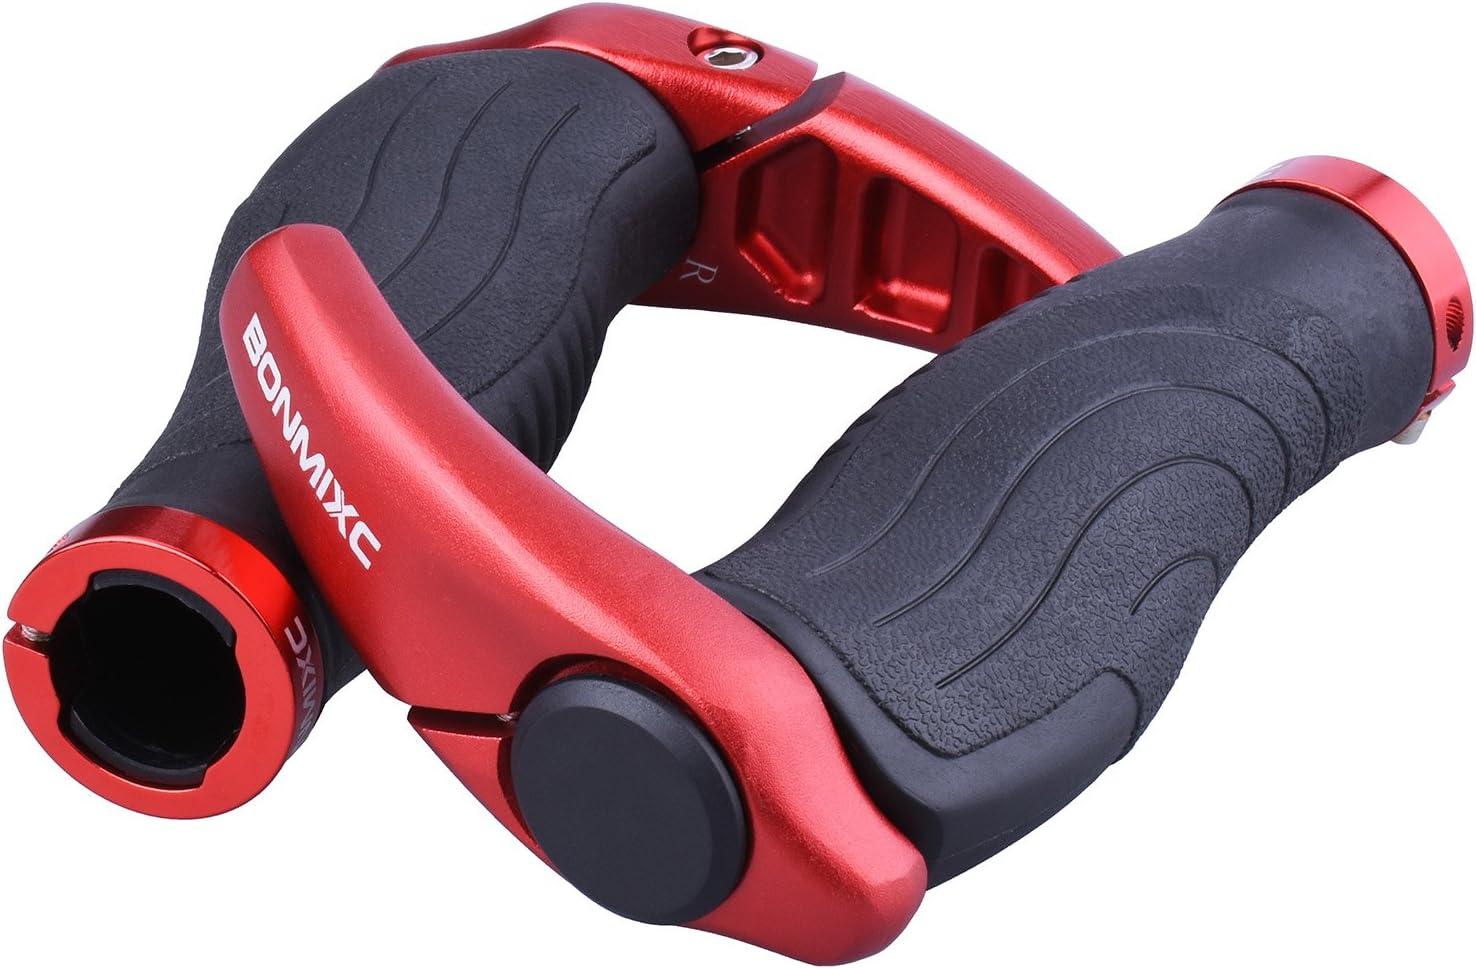 BONMIXC Ergonomic Shock Absorption Mountain Bike Grips